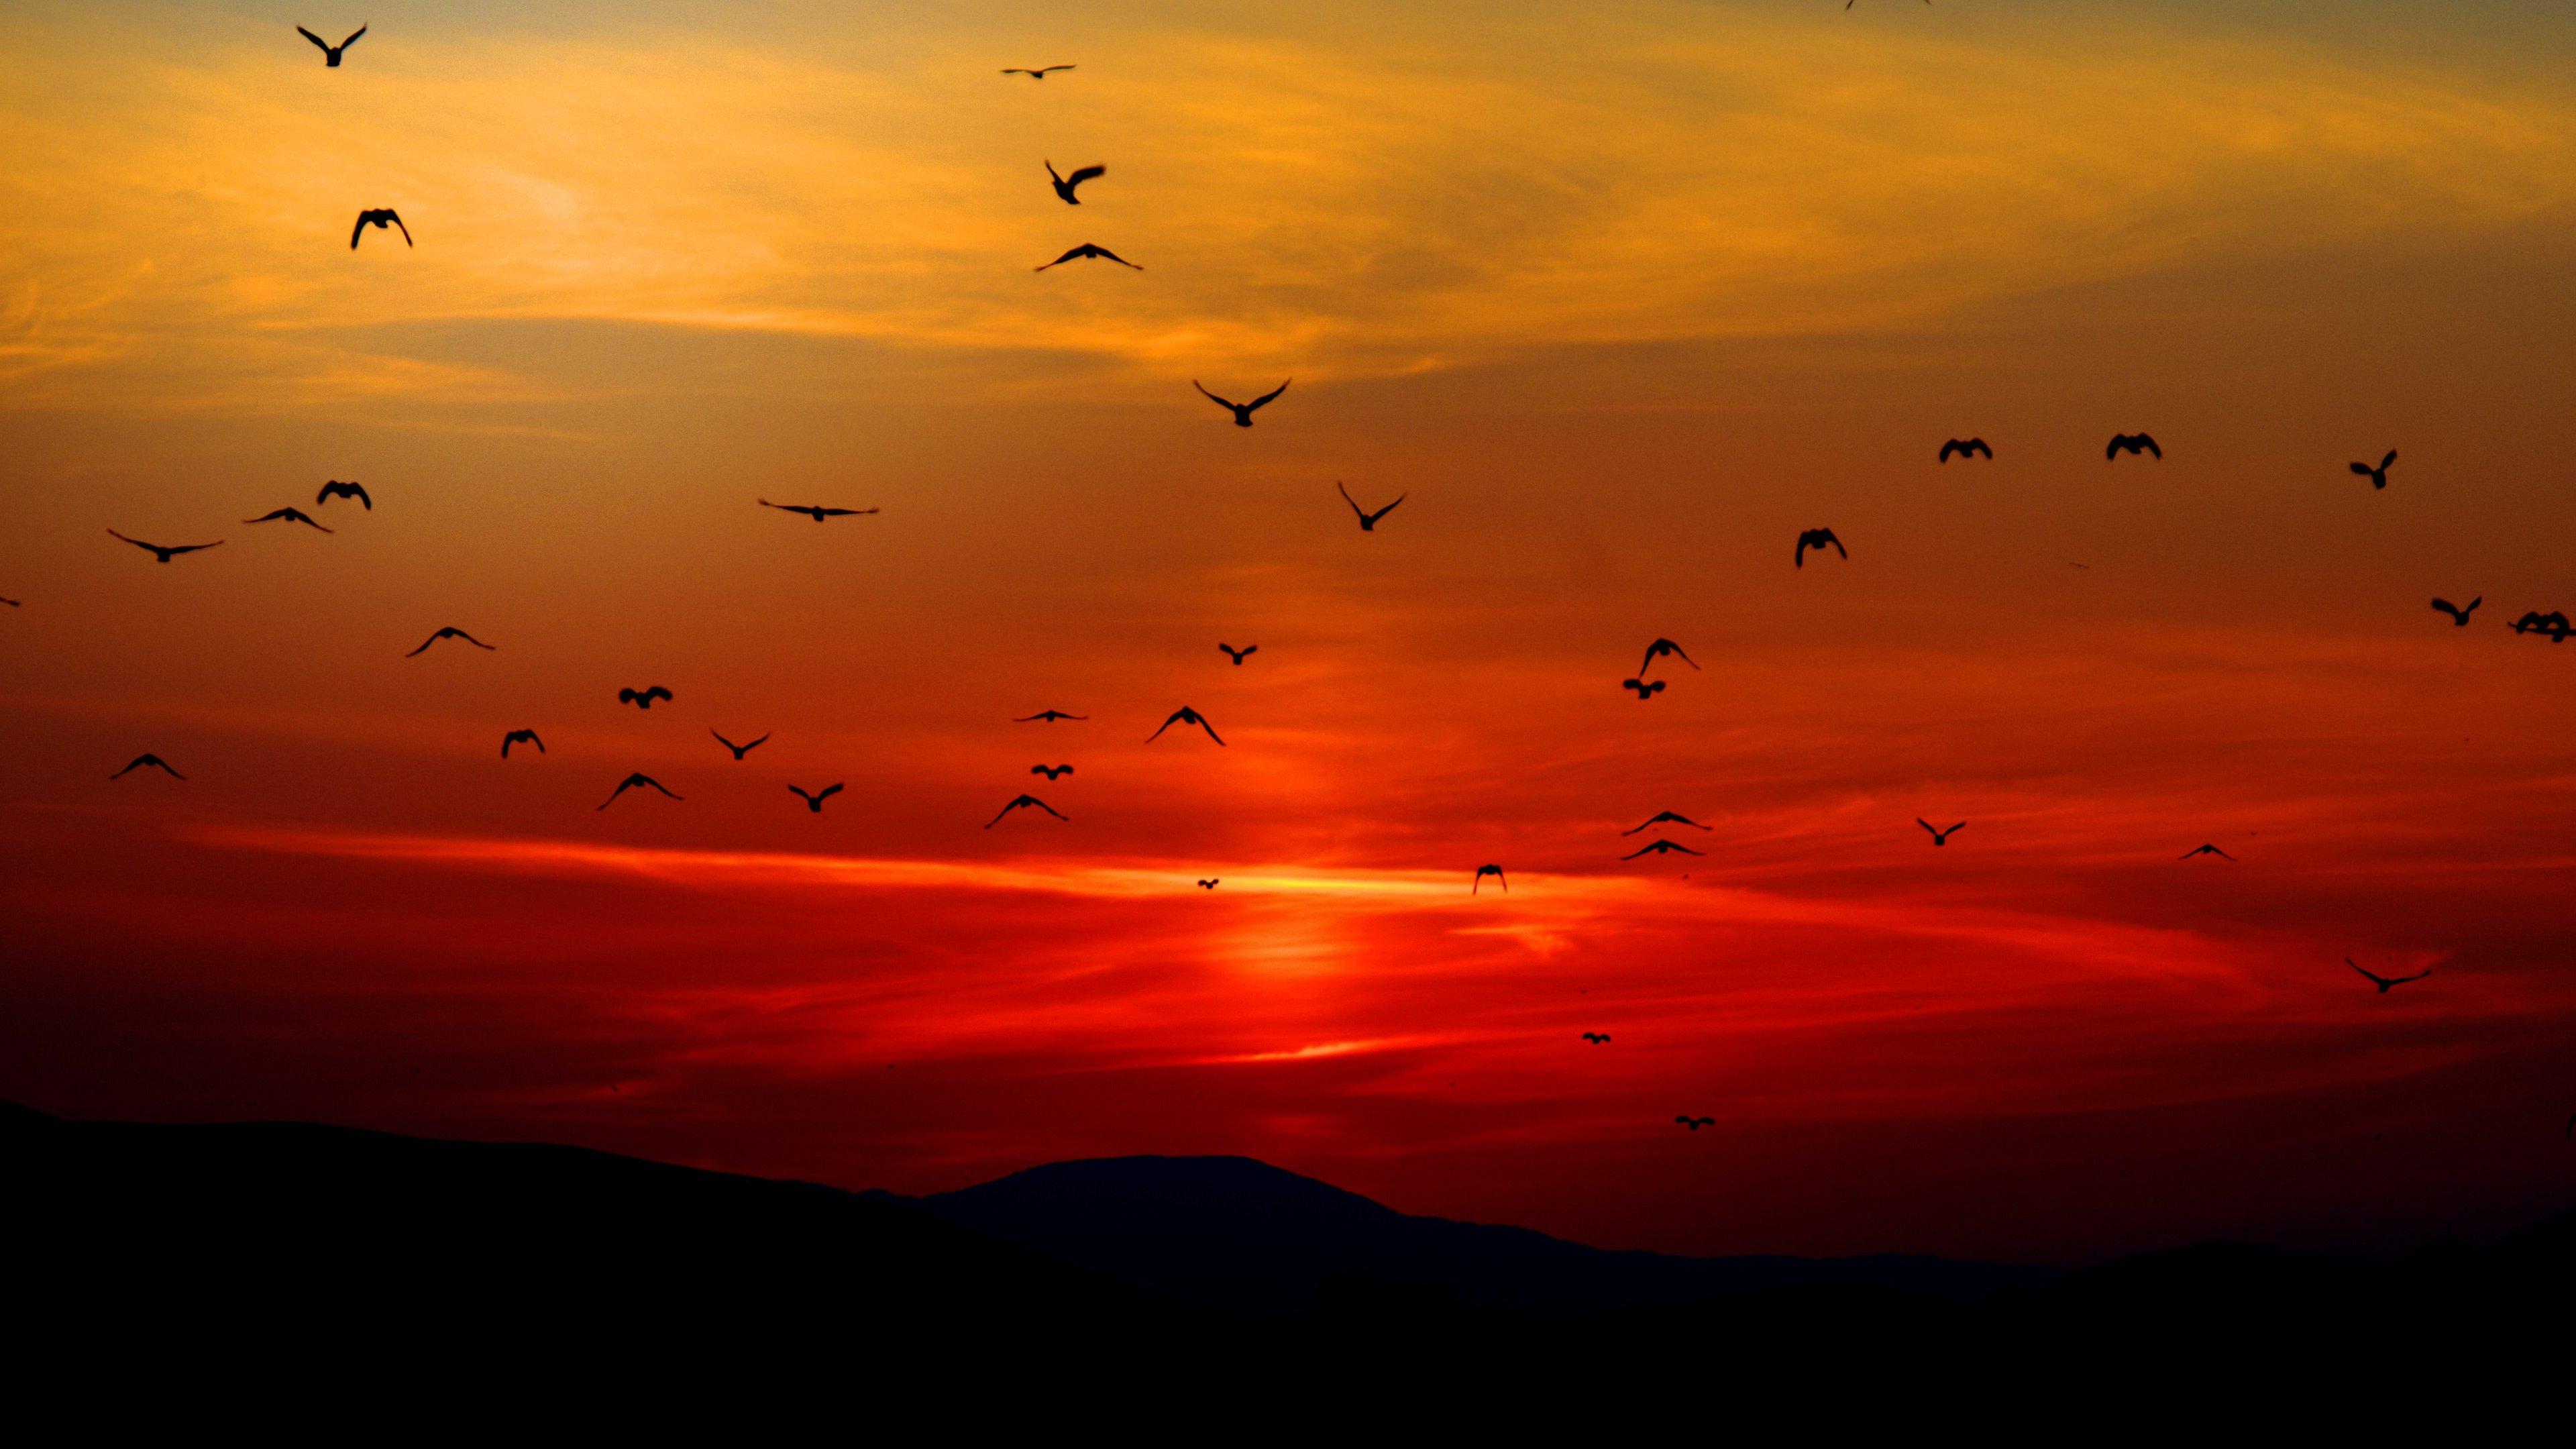 Widescreen Sunset Wallpaper